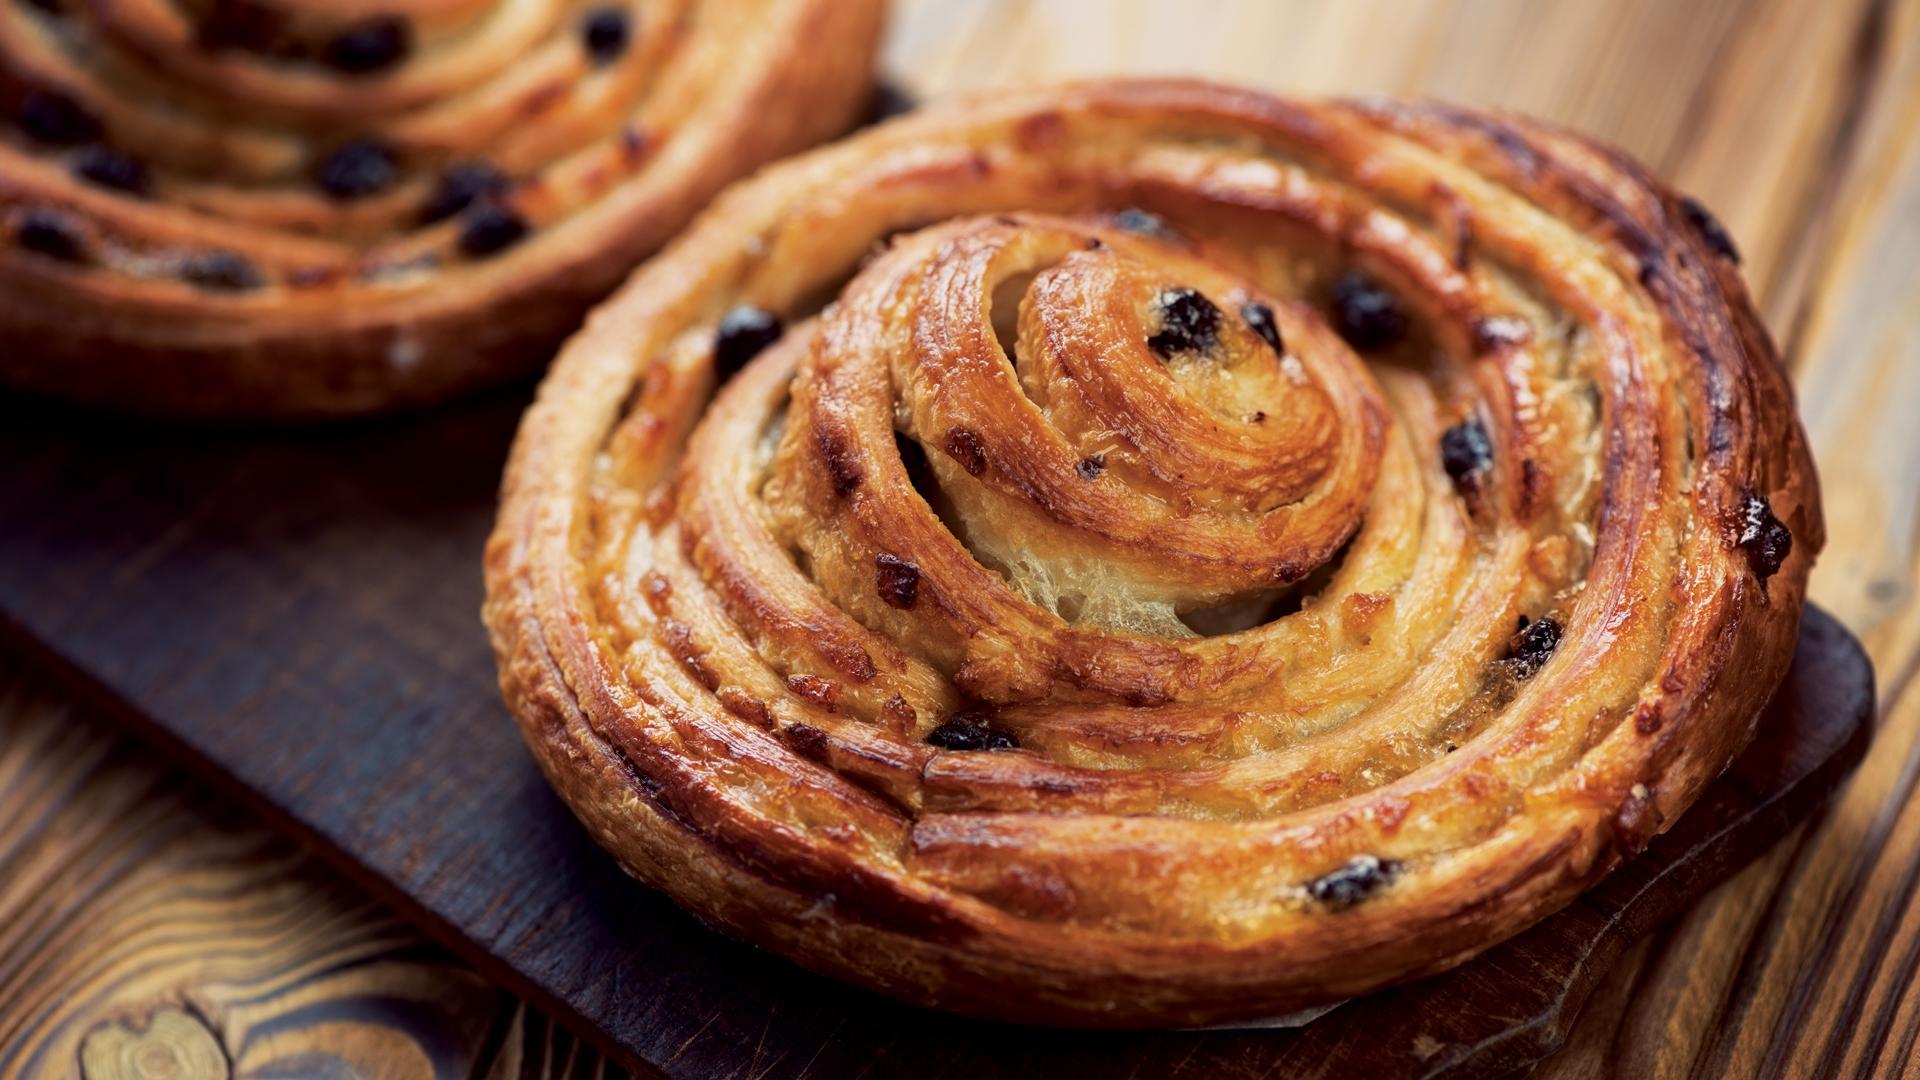 Fleur du Jour snail pastry